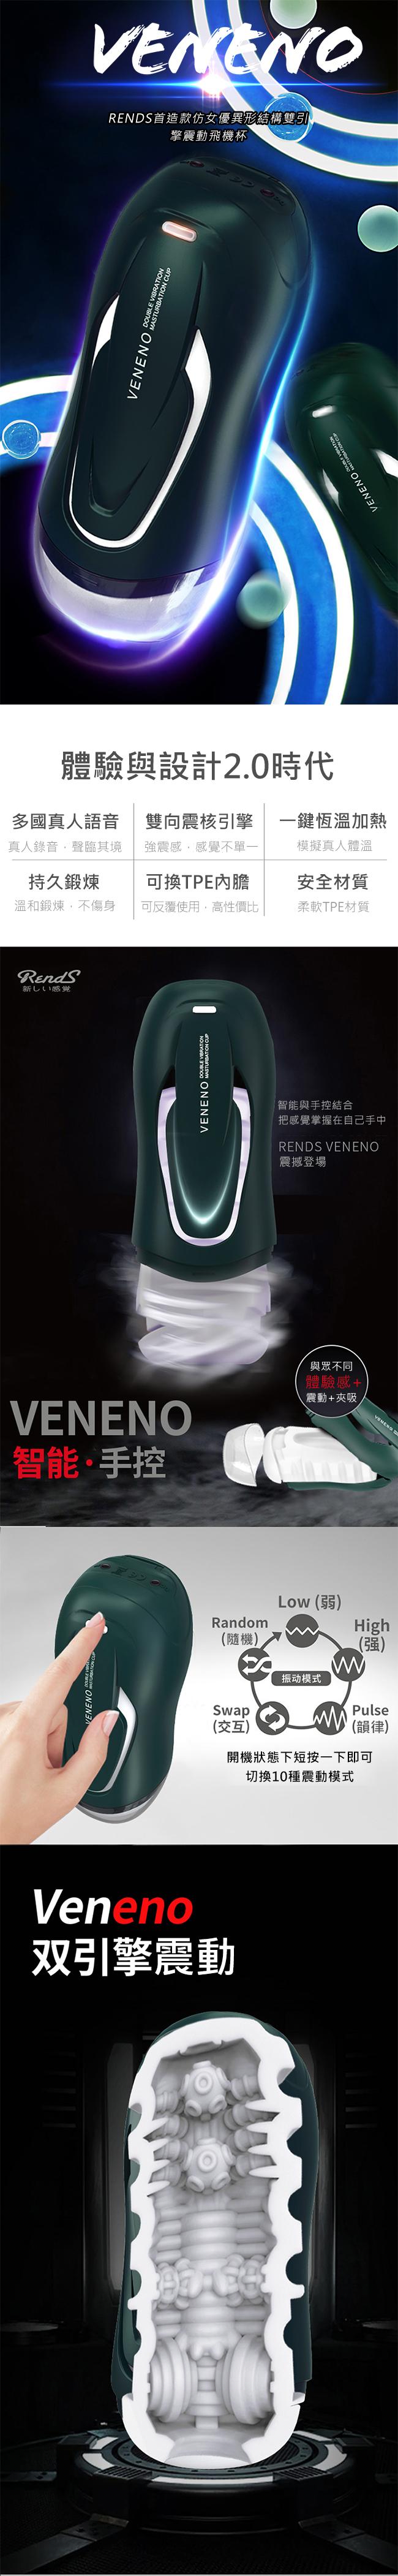 RENDS-毒藥VENENO 10段變頻震動發音叫床加溫震動自慰杯-(真人發音)